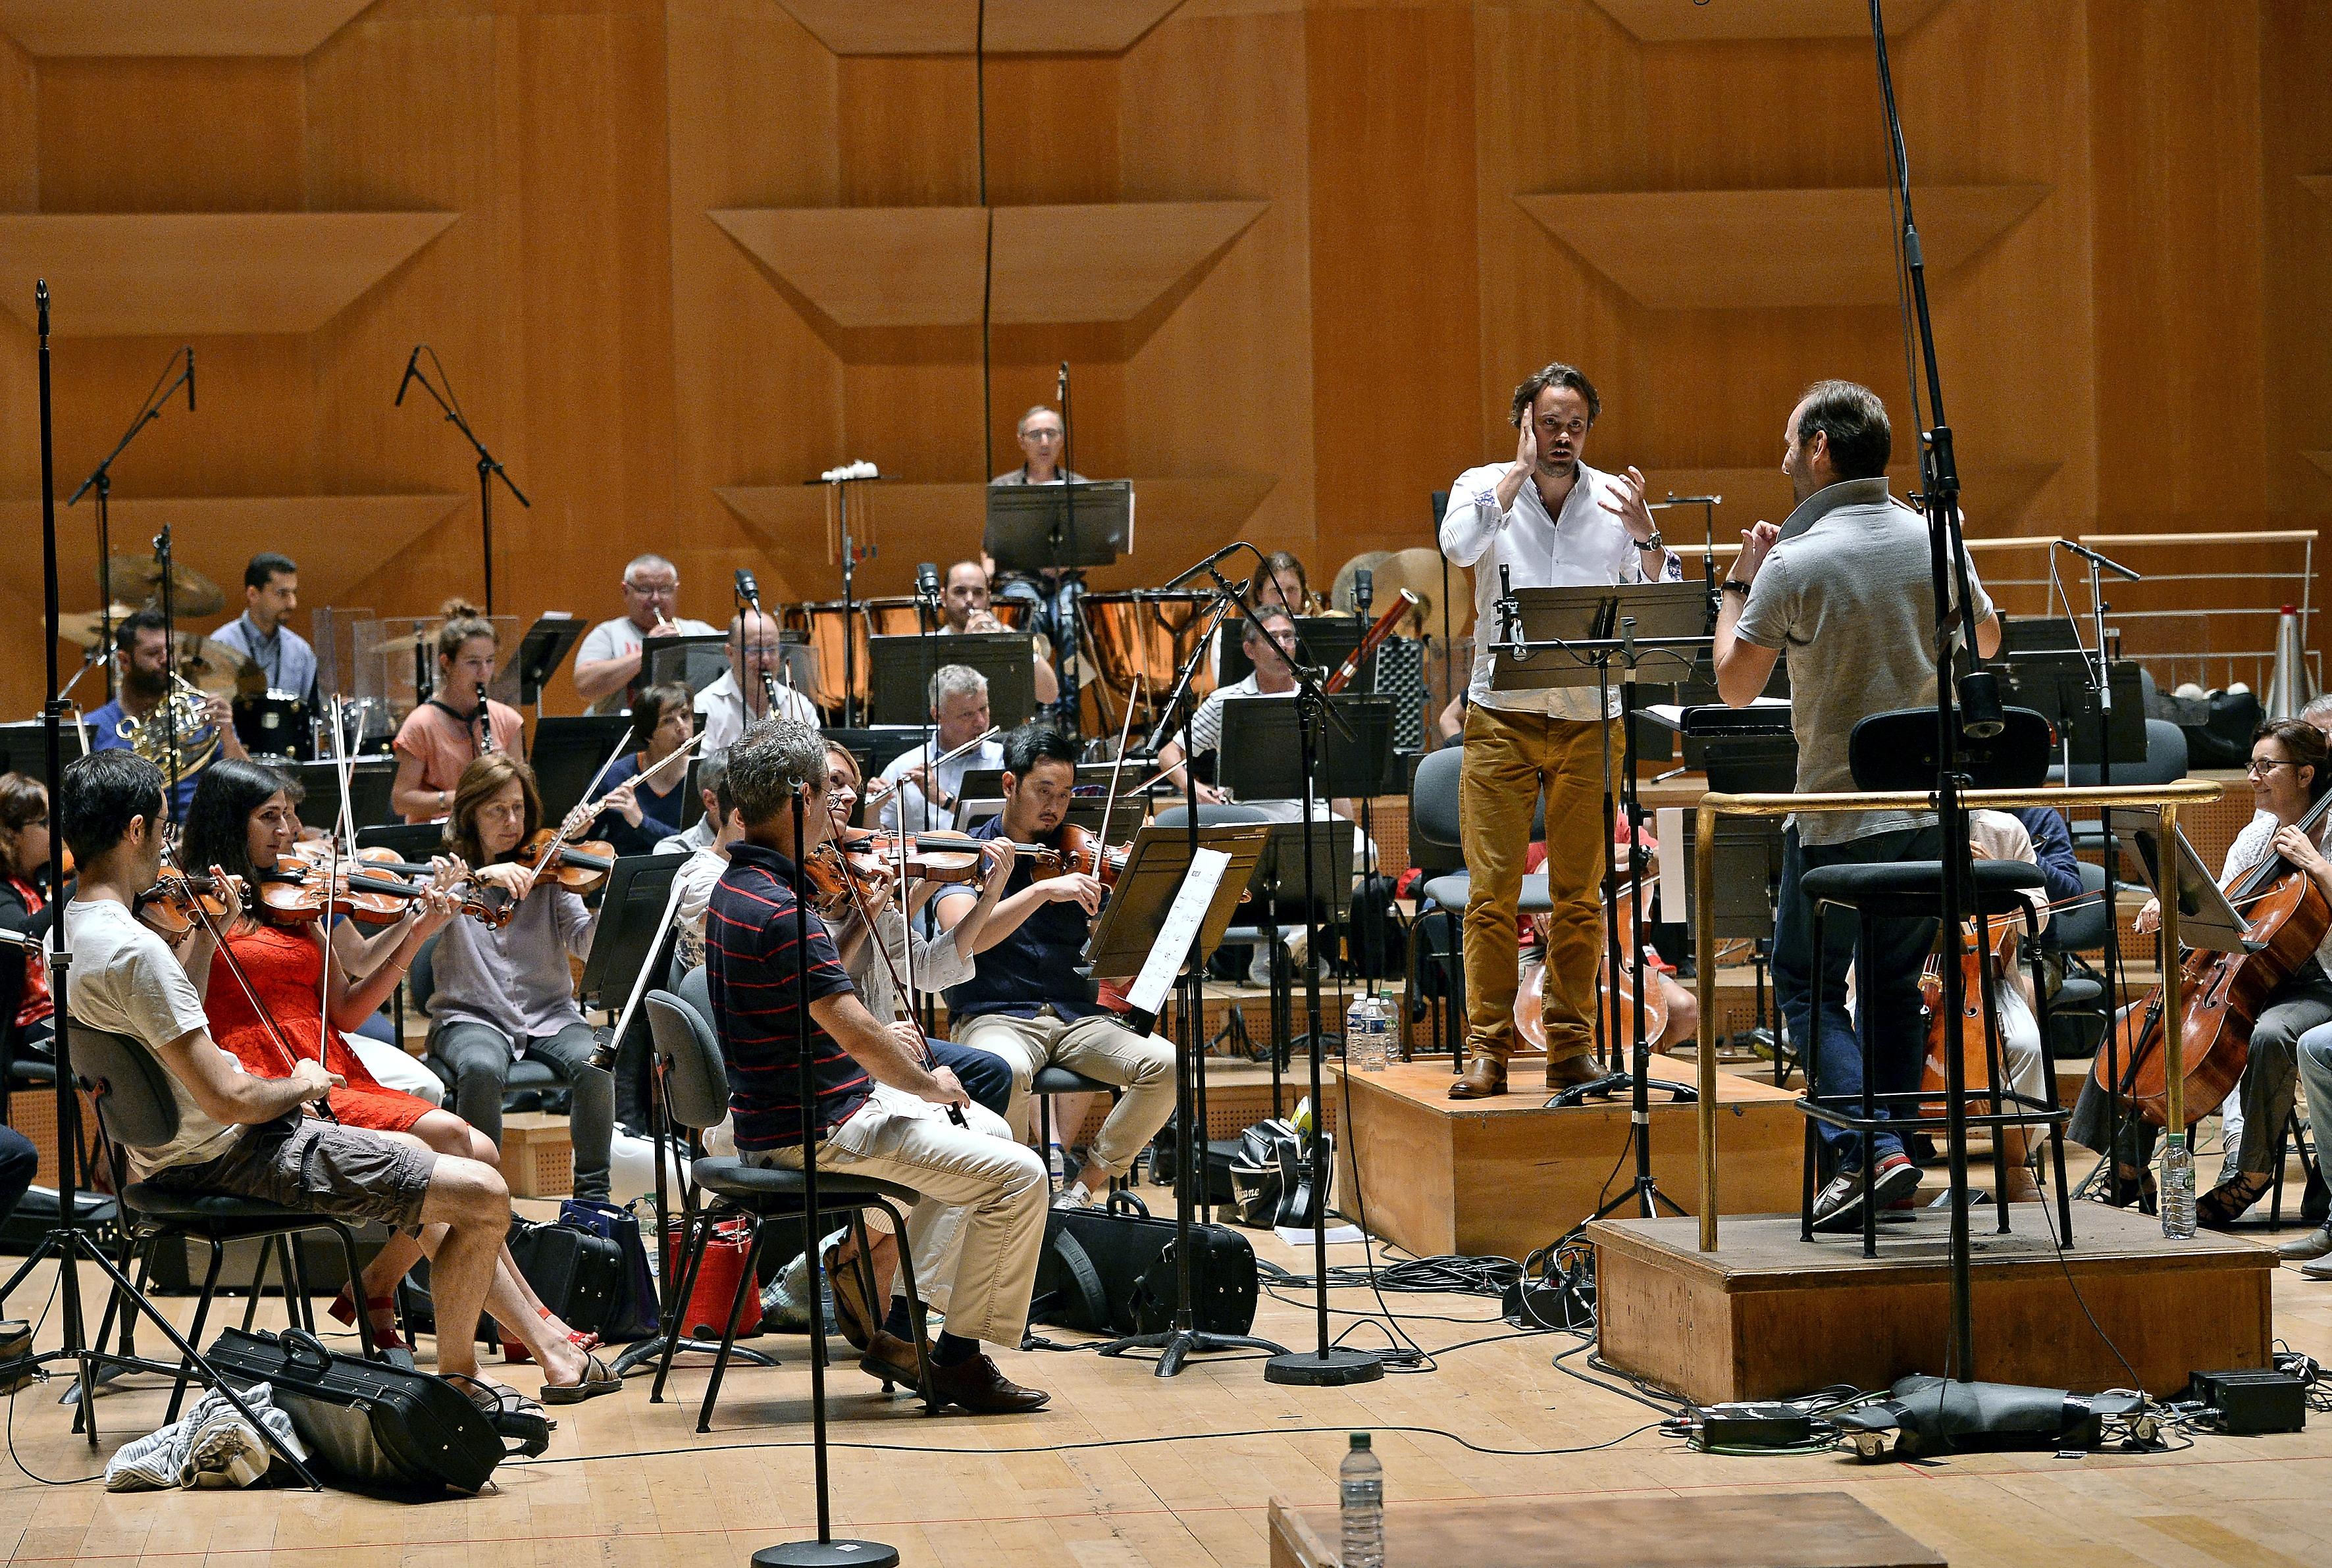 Julien Berh et l'Orchestre de l'Opéra de Lyon dirigé par Pierre Bleuse. Crédit photo : S.Guiochon